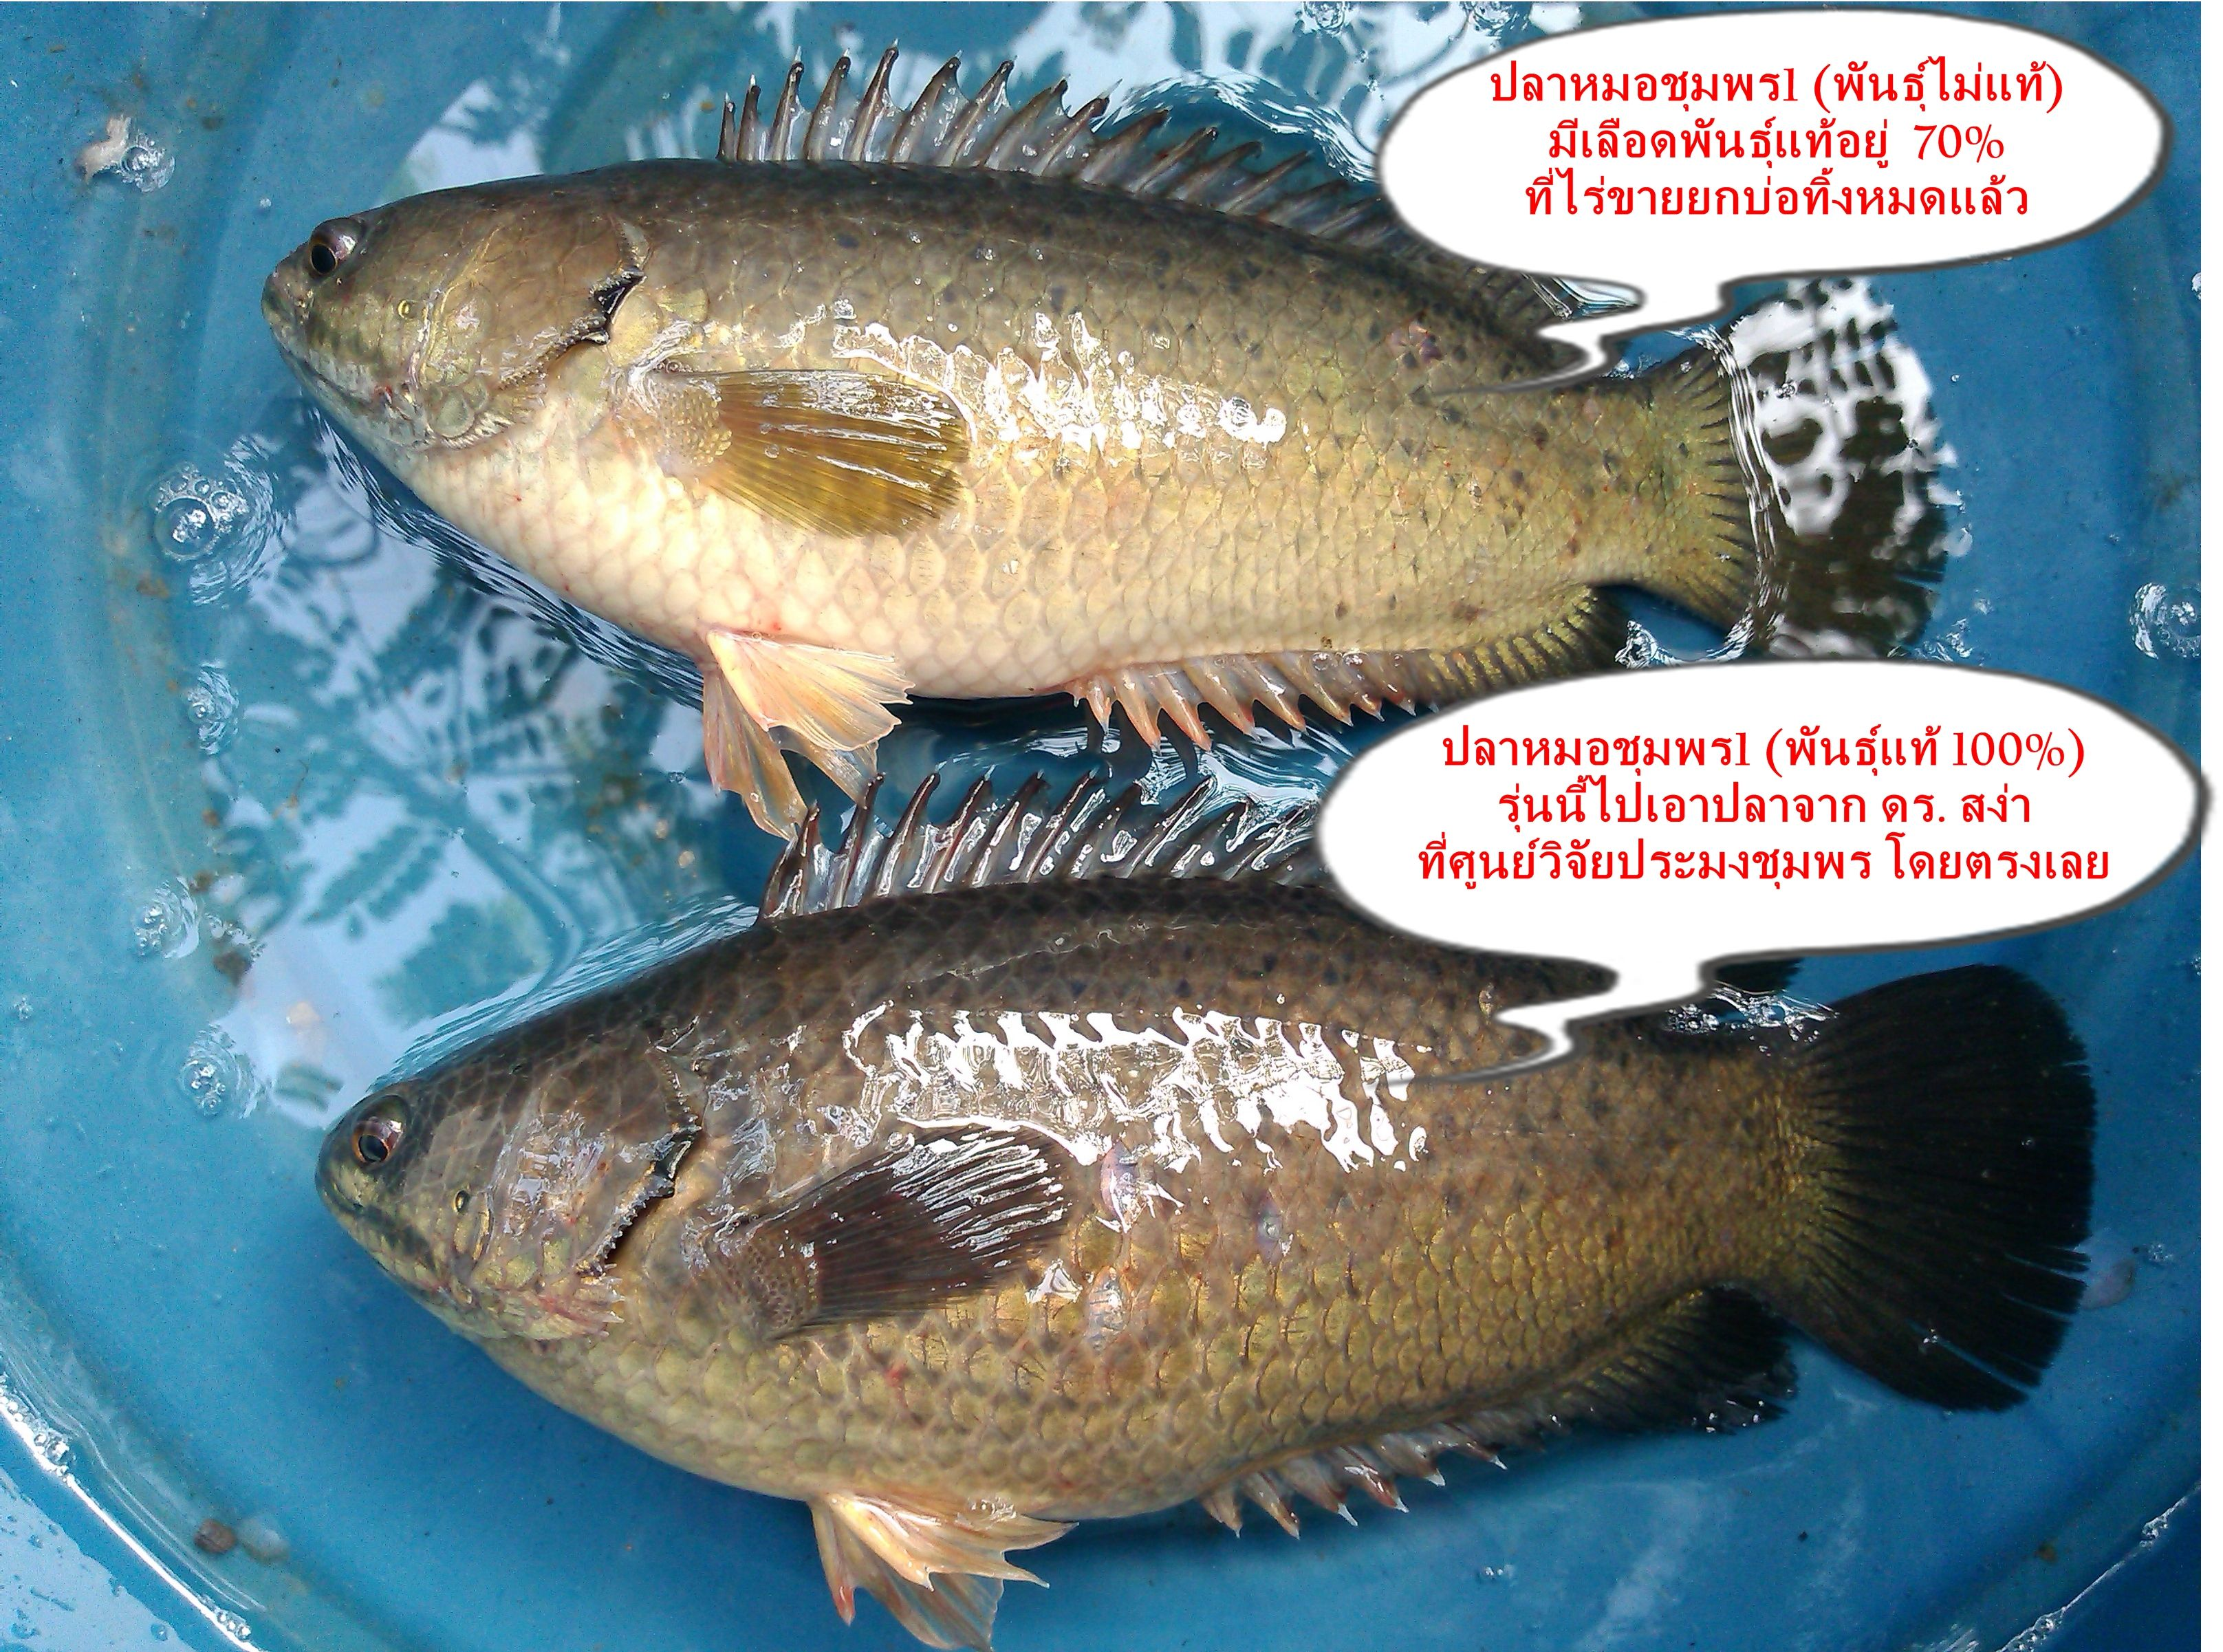 ปลาหมอพ นธ ช มพร1 แท ก บพ นธ ปลาหมอไม แท ต างก นอย างไร หมาแมว ปลา